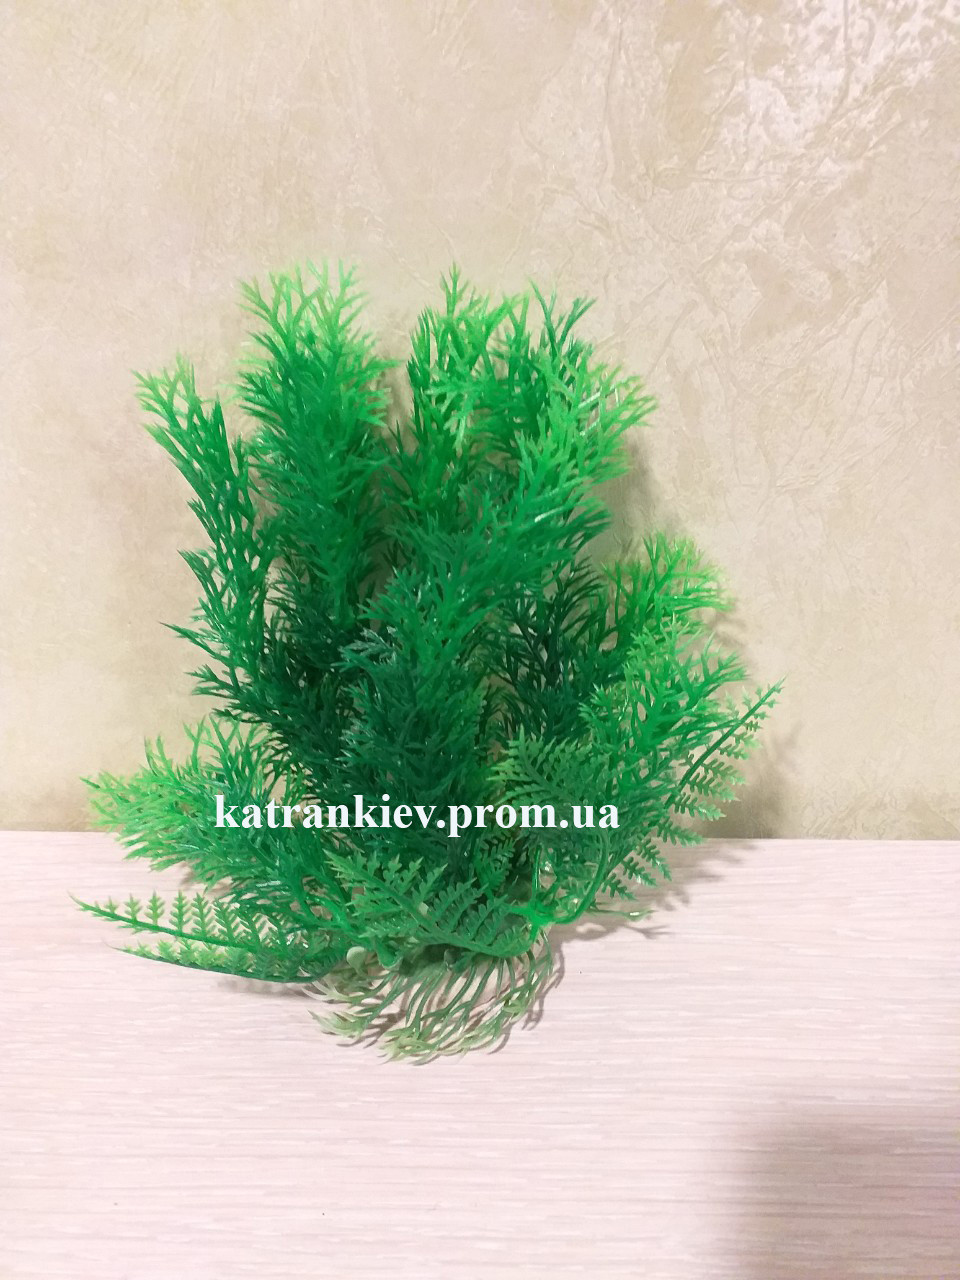 Штучне рослина в акваріум 14-17 см